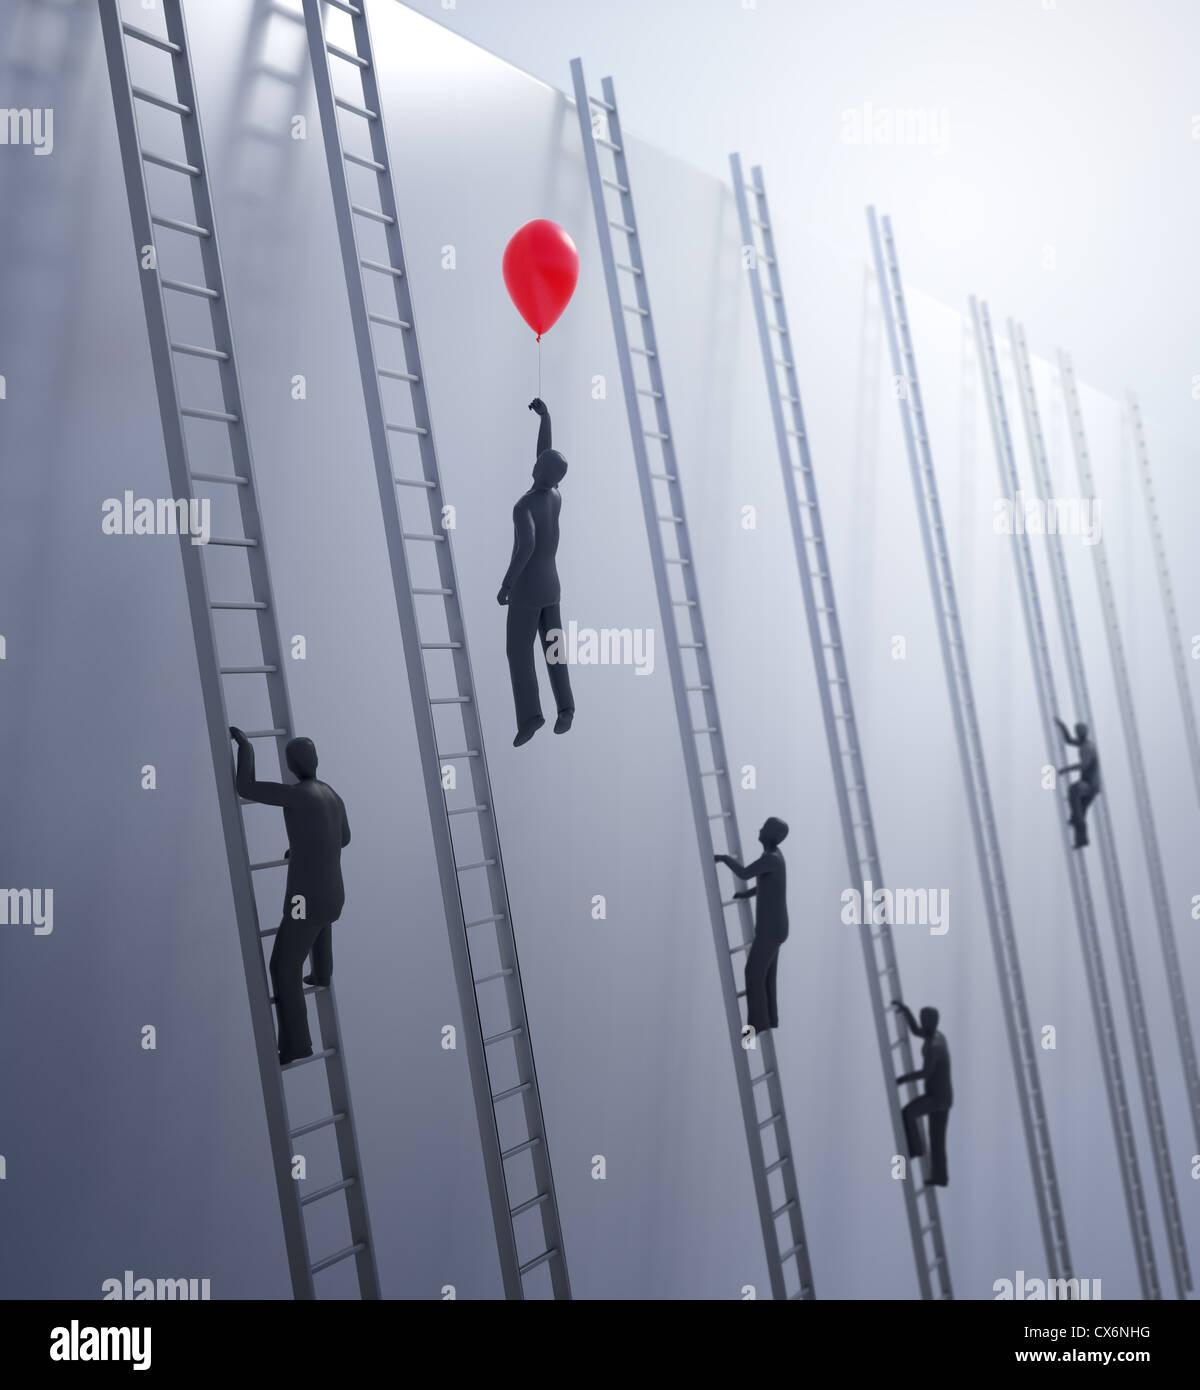 Winzige abstrakten Menschen besteigen von Leitern - Innovation und Vorteil in Business-Konzept Stockbild